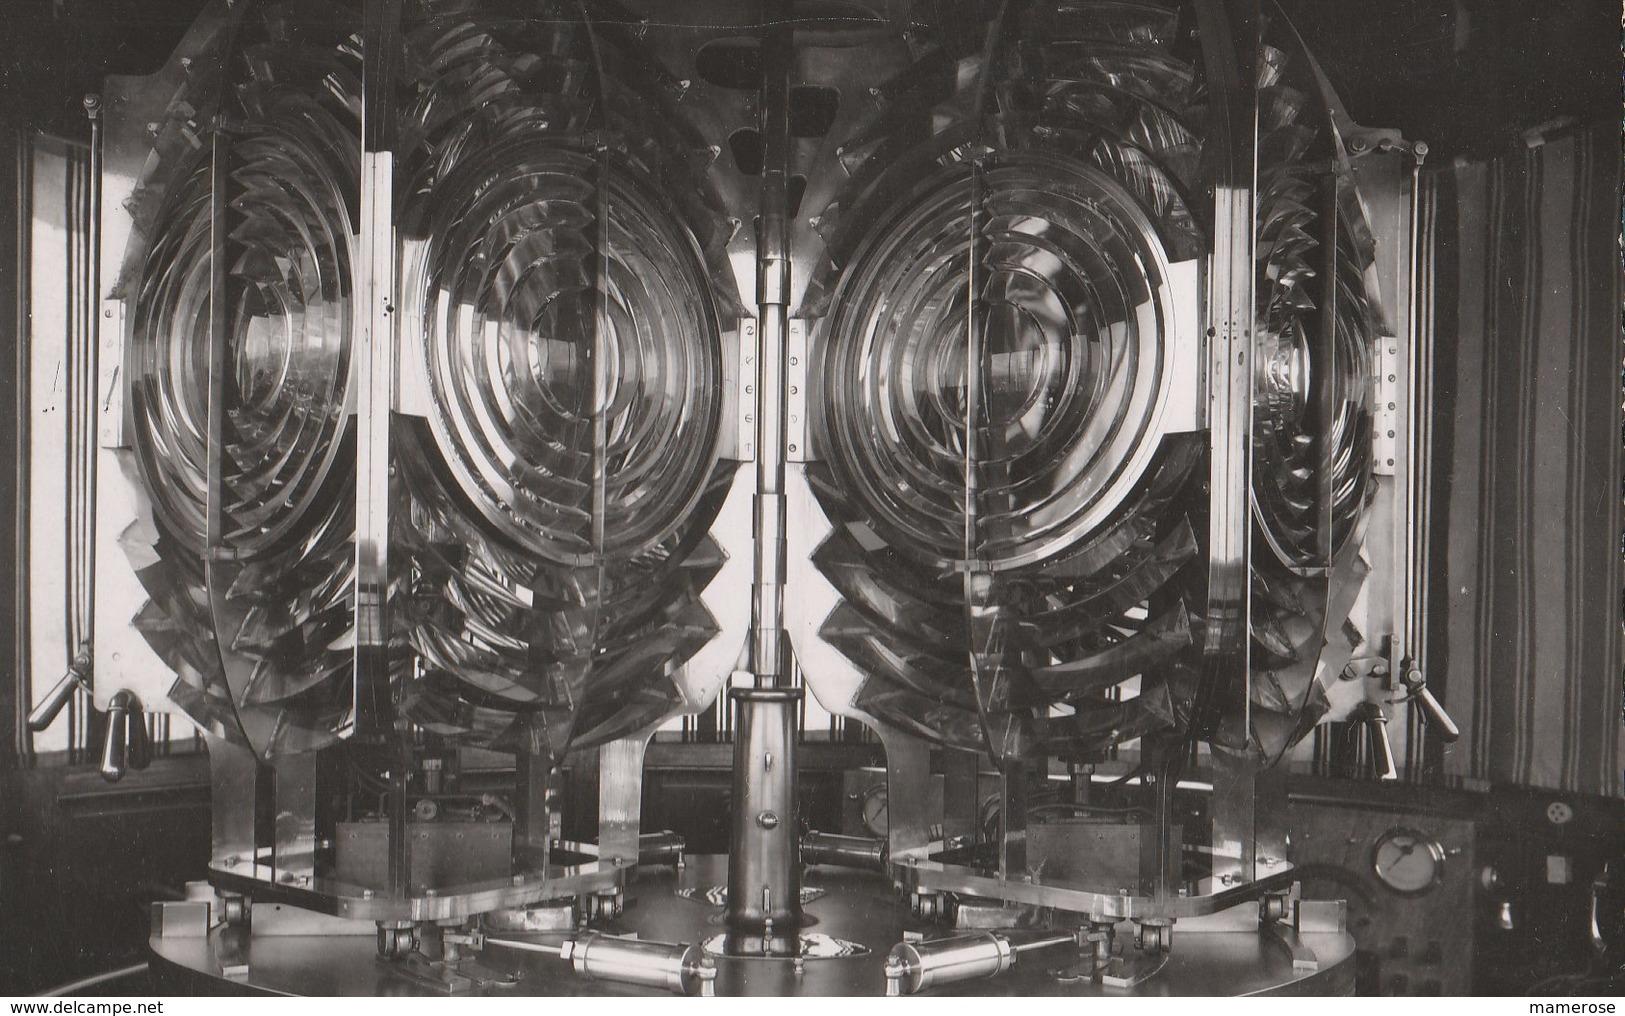 SAINT-PIERRE-PENMARCH (29). Le Phare D'Eckmühl: Son Optique Double De Chacune Deux Millons De Bougies - Lighthouses